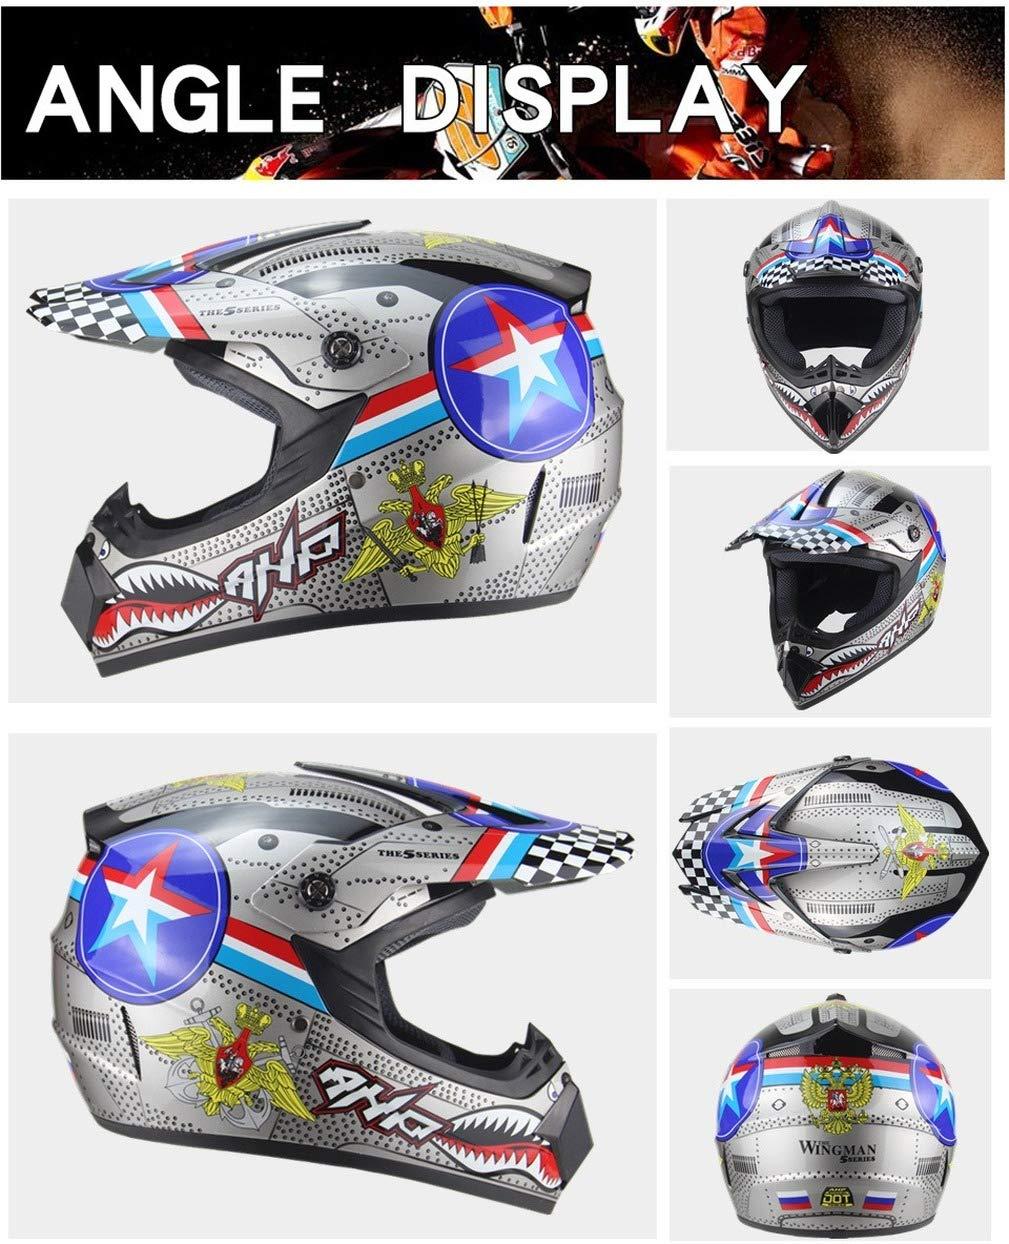 Vollhelm f/ür MX-Motorr/äder Unisex-Motorradhelm Vollhelm f/ür AM-Mountainbikes Yangyer Motocross-Helm Helm f/ür Erwachsene mit Handschuhmaskenbrille Matte Black,M